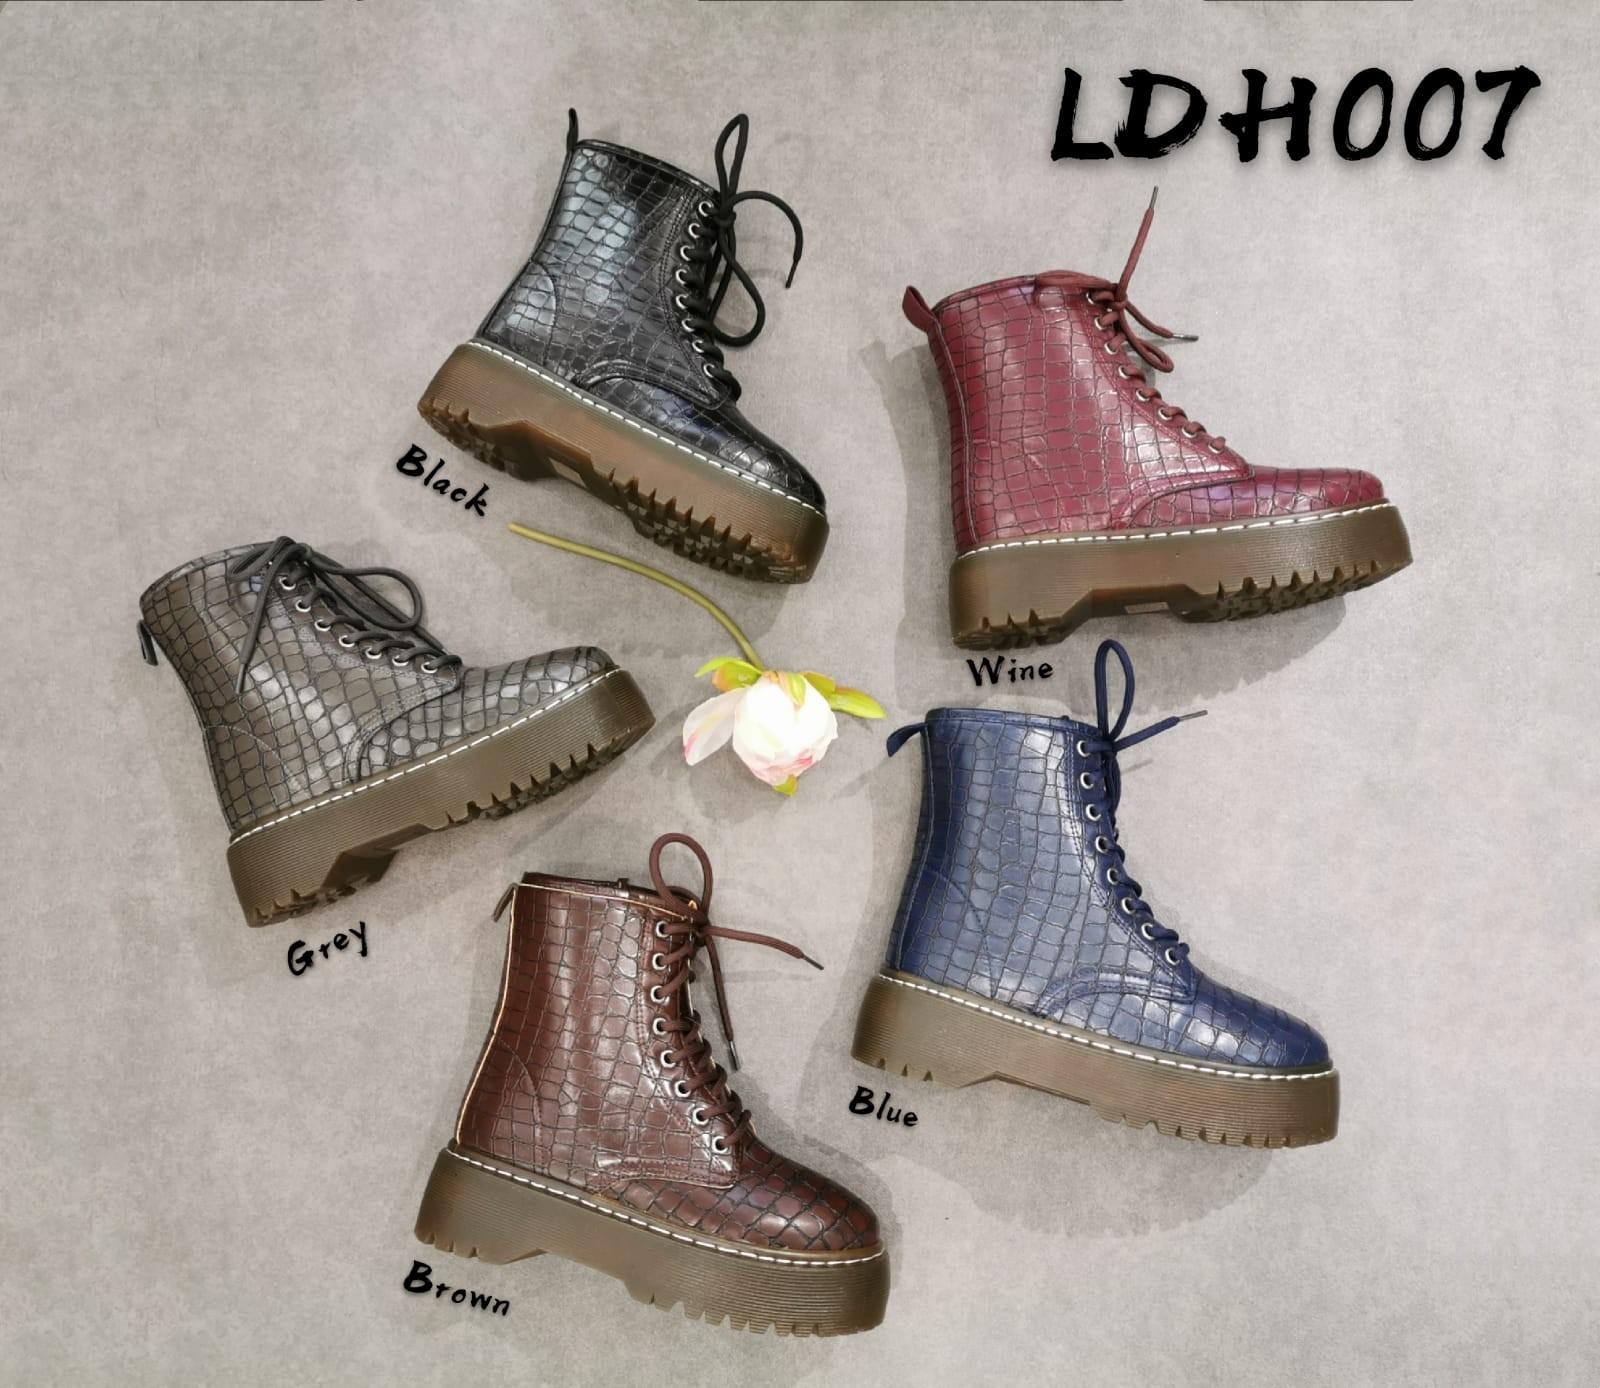 LDH007-D4